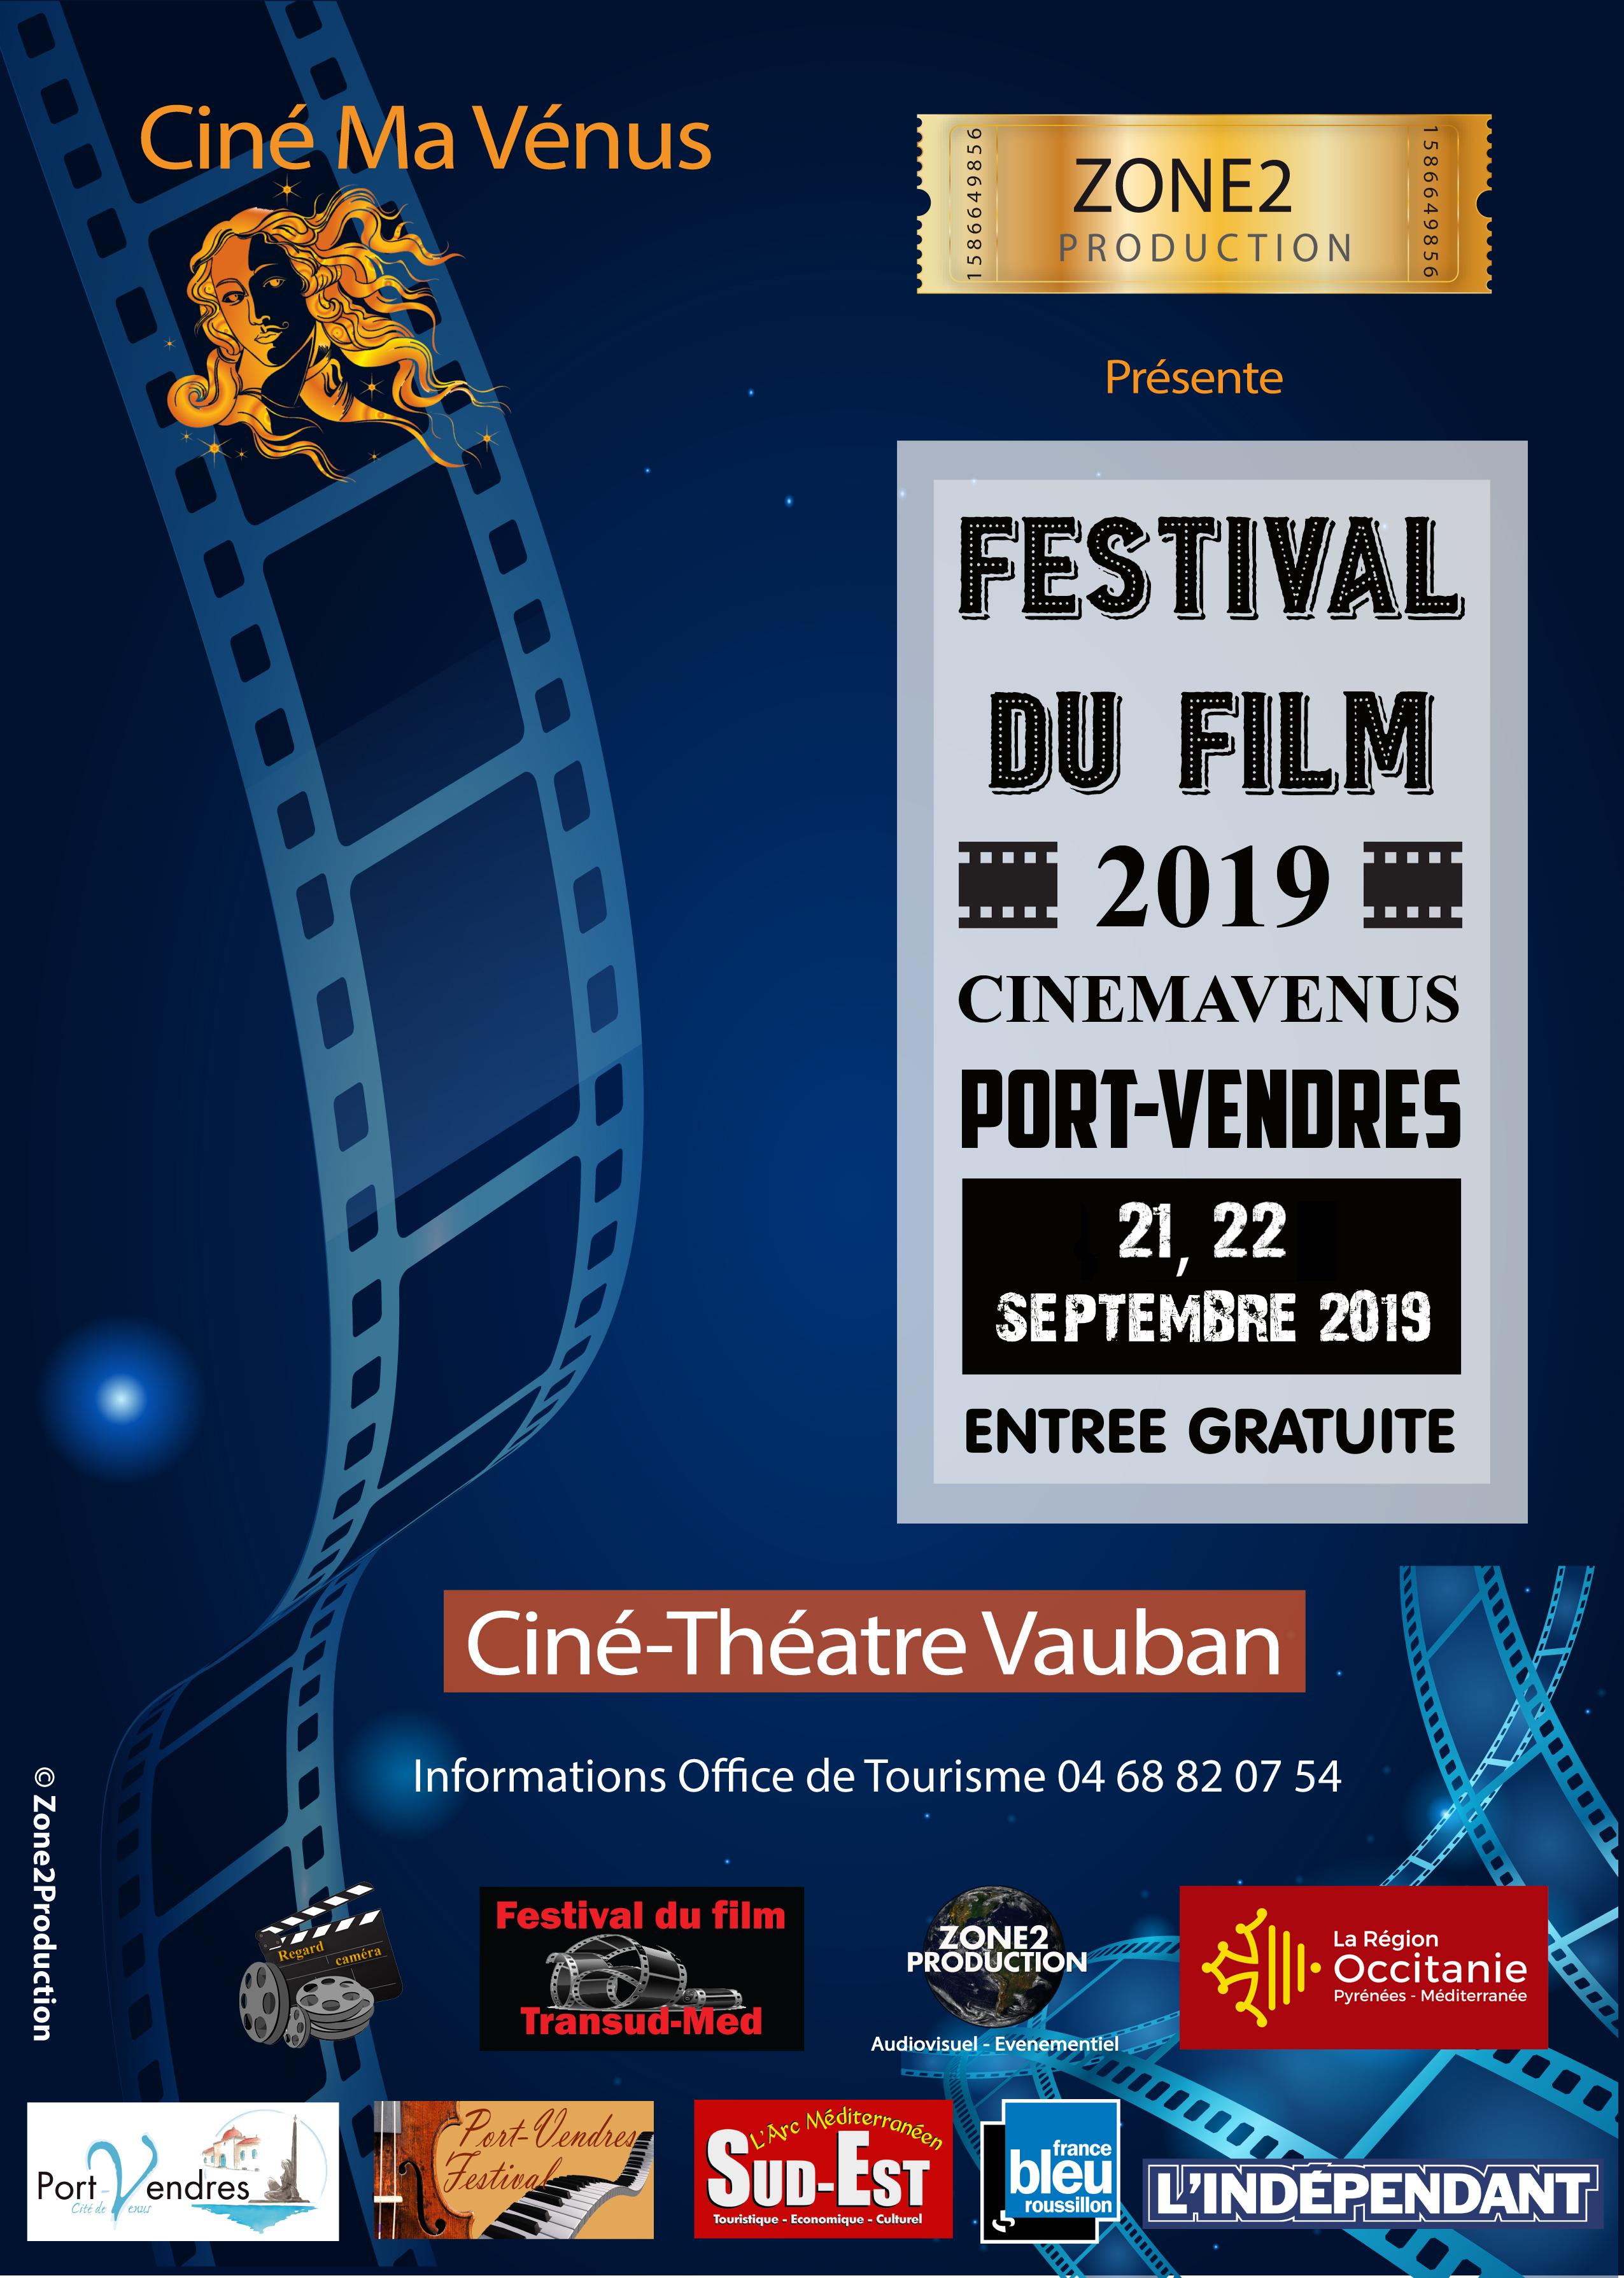 AFFICHE CINE MA VENUS 2019